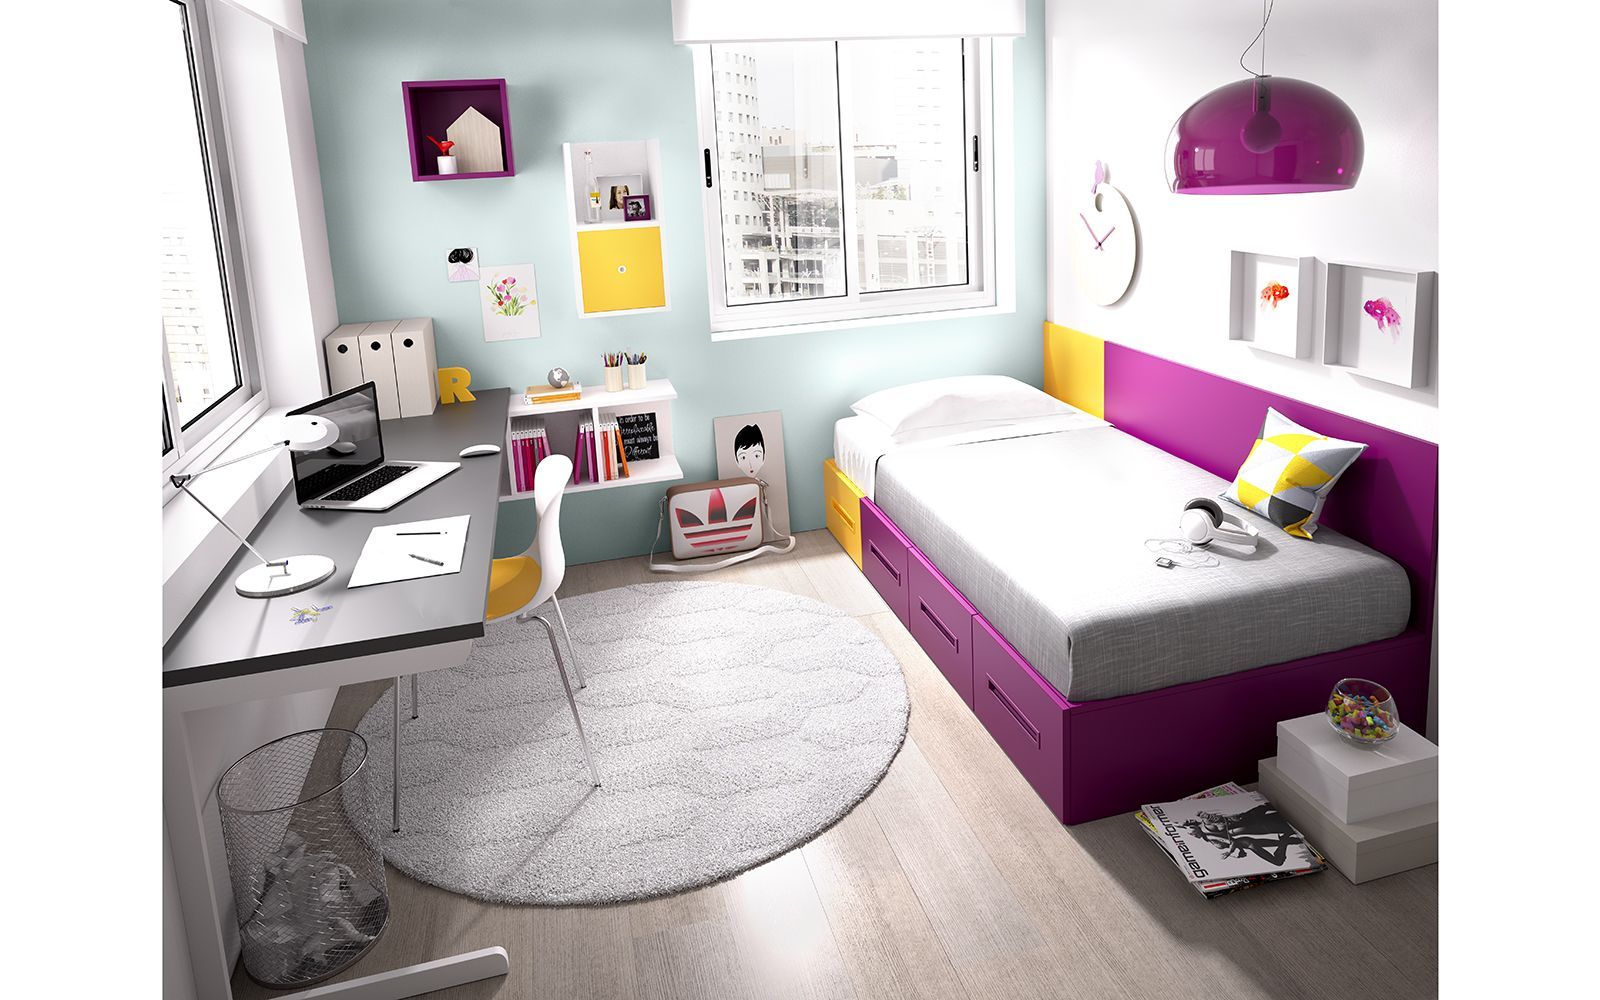 Dormitorio Juvenil Nido 2014-15